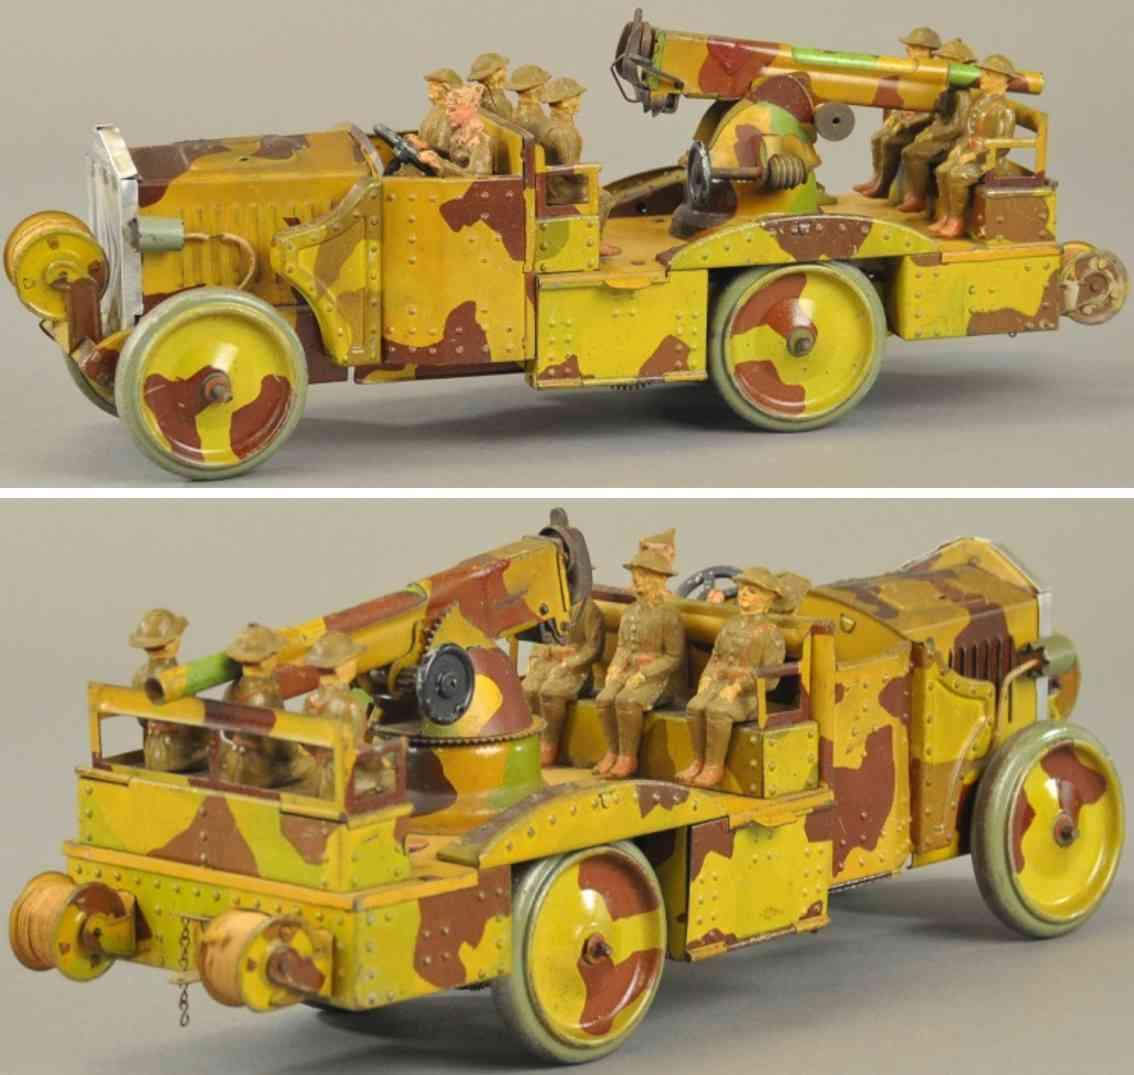 hausser elastolin militaer spielzeug flugabwehrwagen kanone soldaten